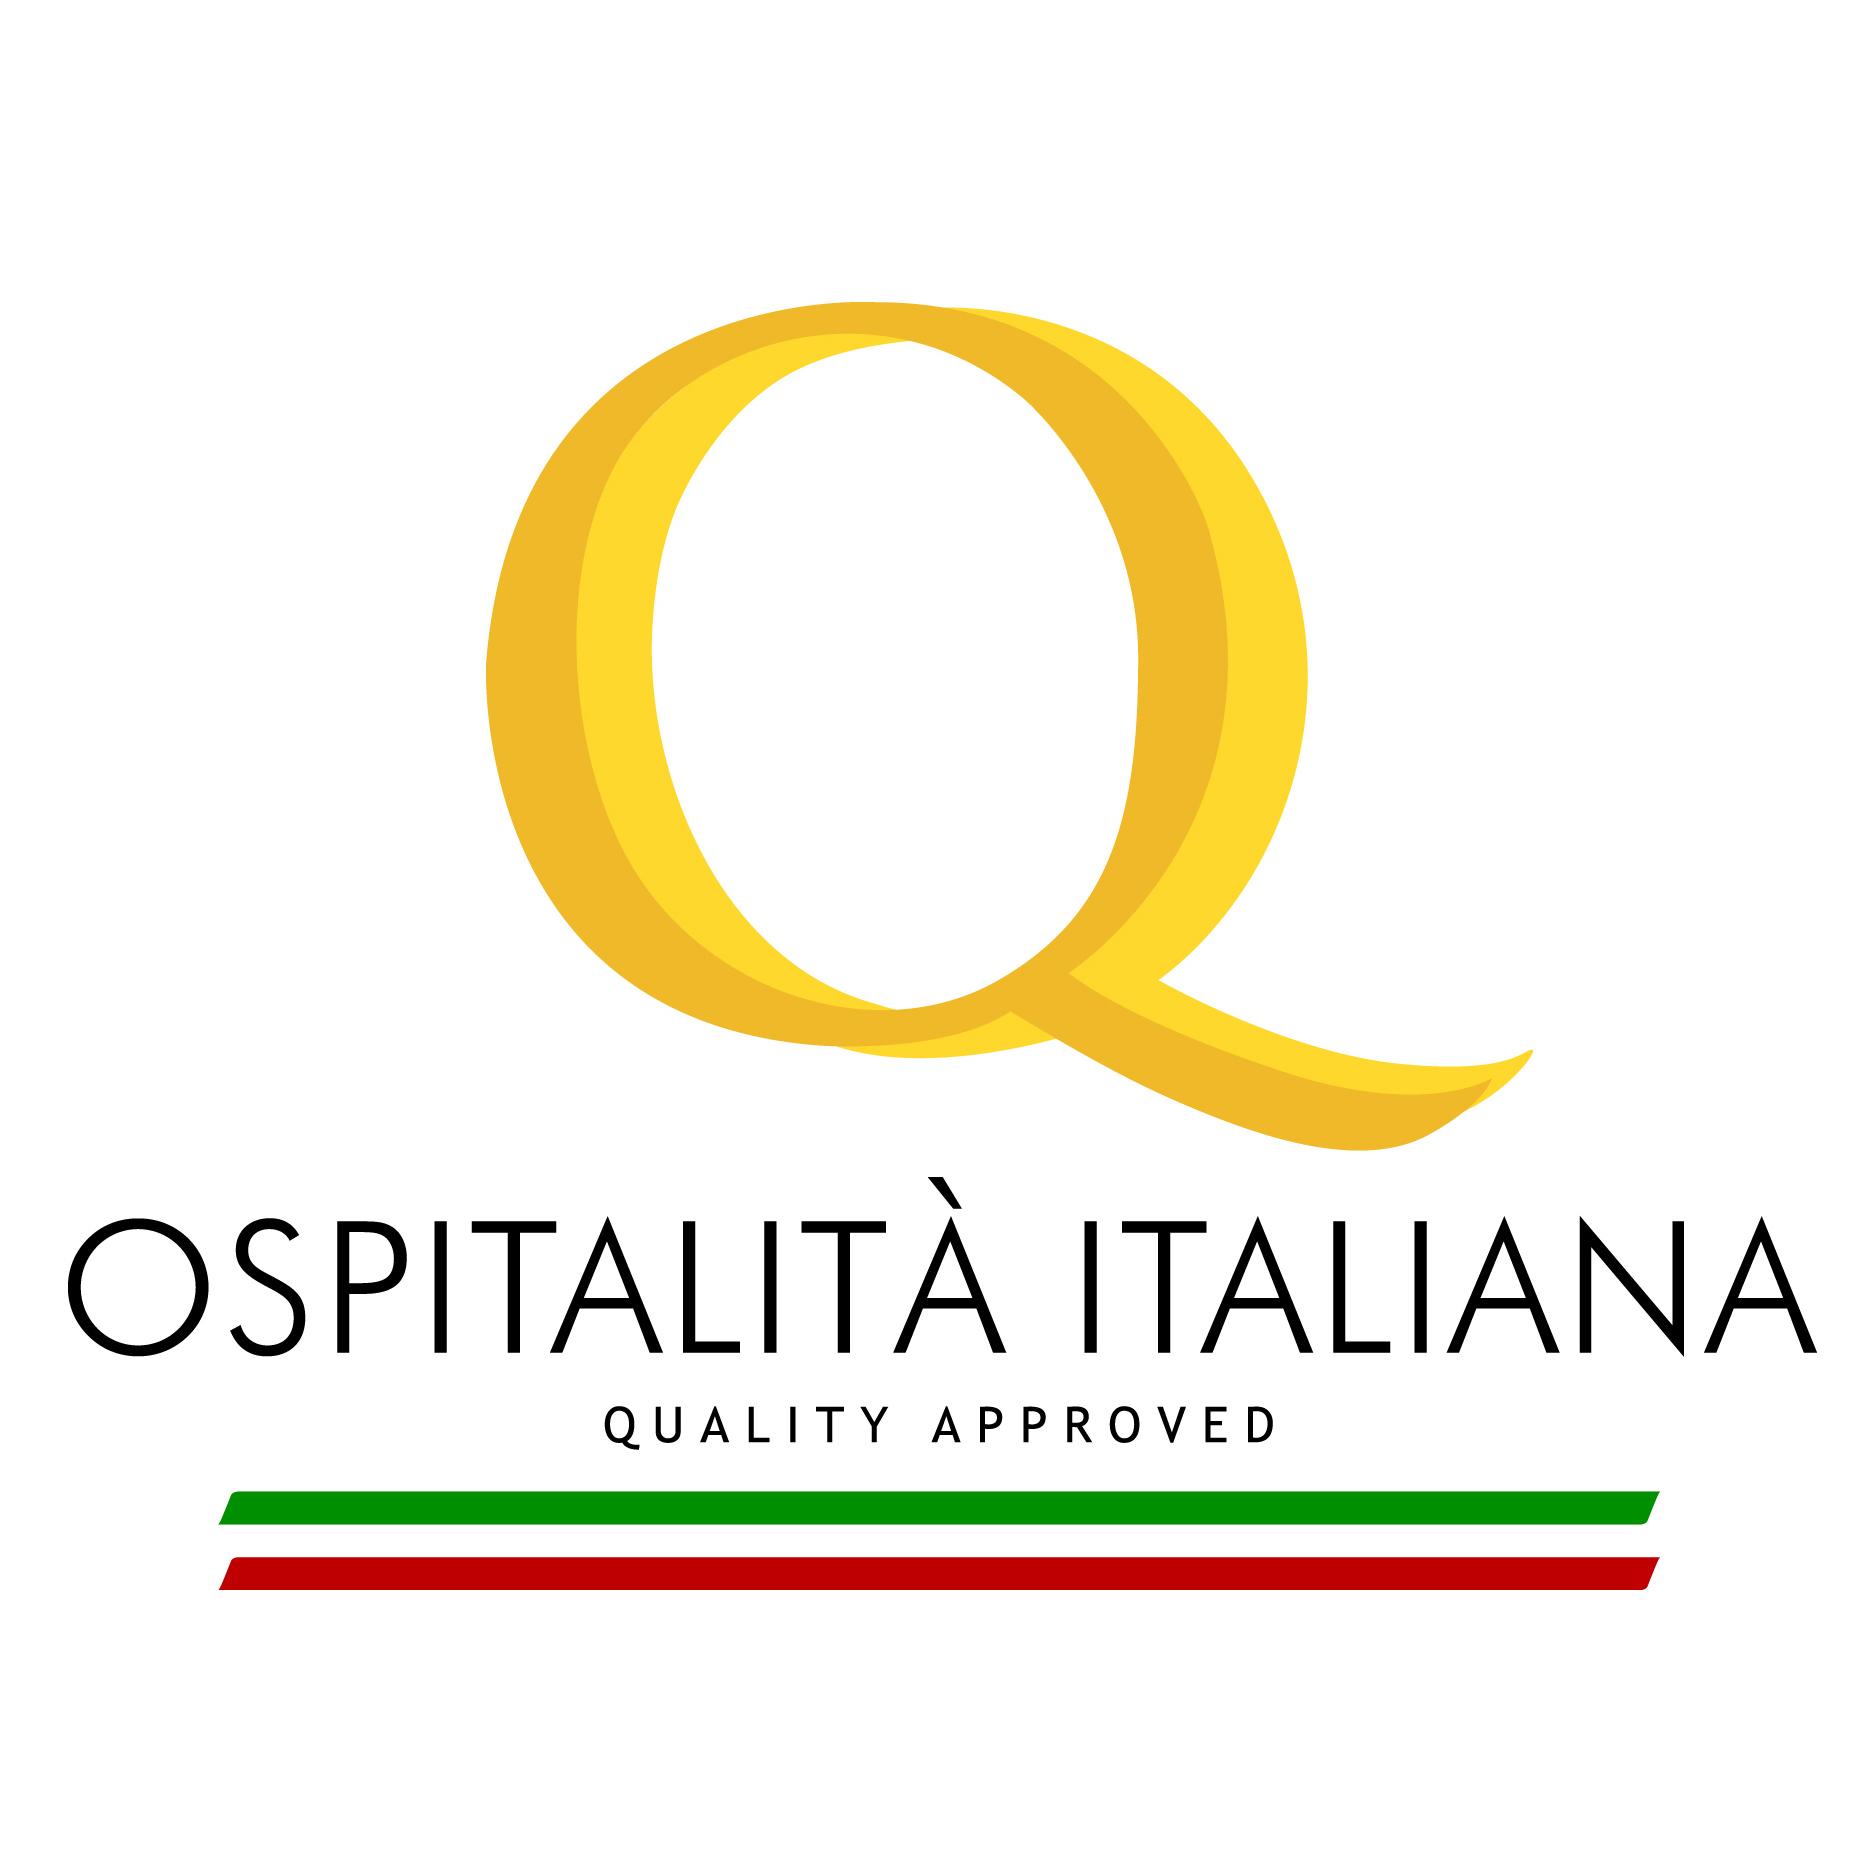 Certificato Qualità Italiana HSC